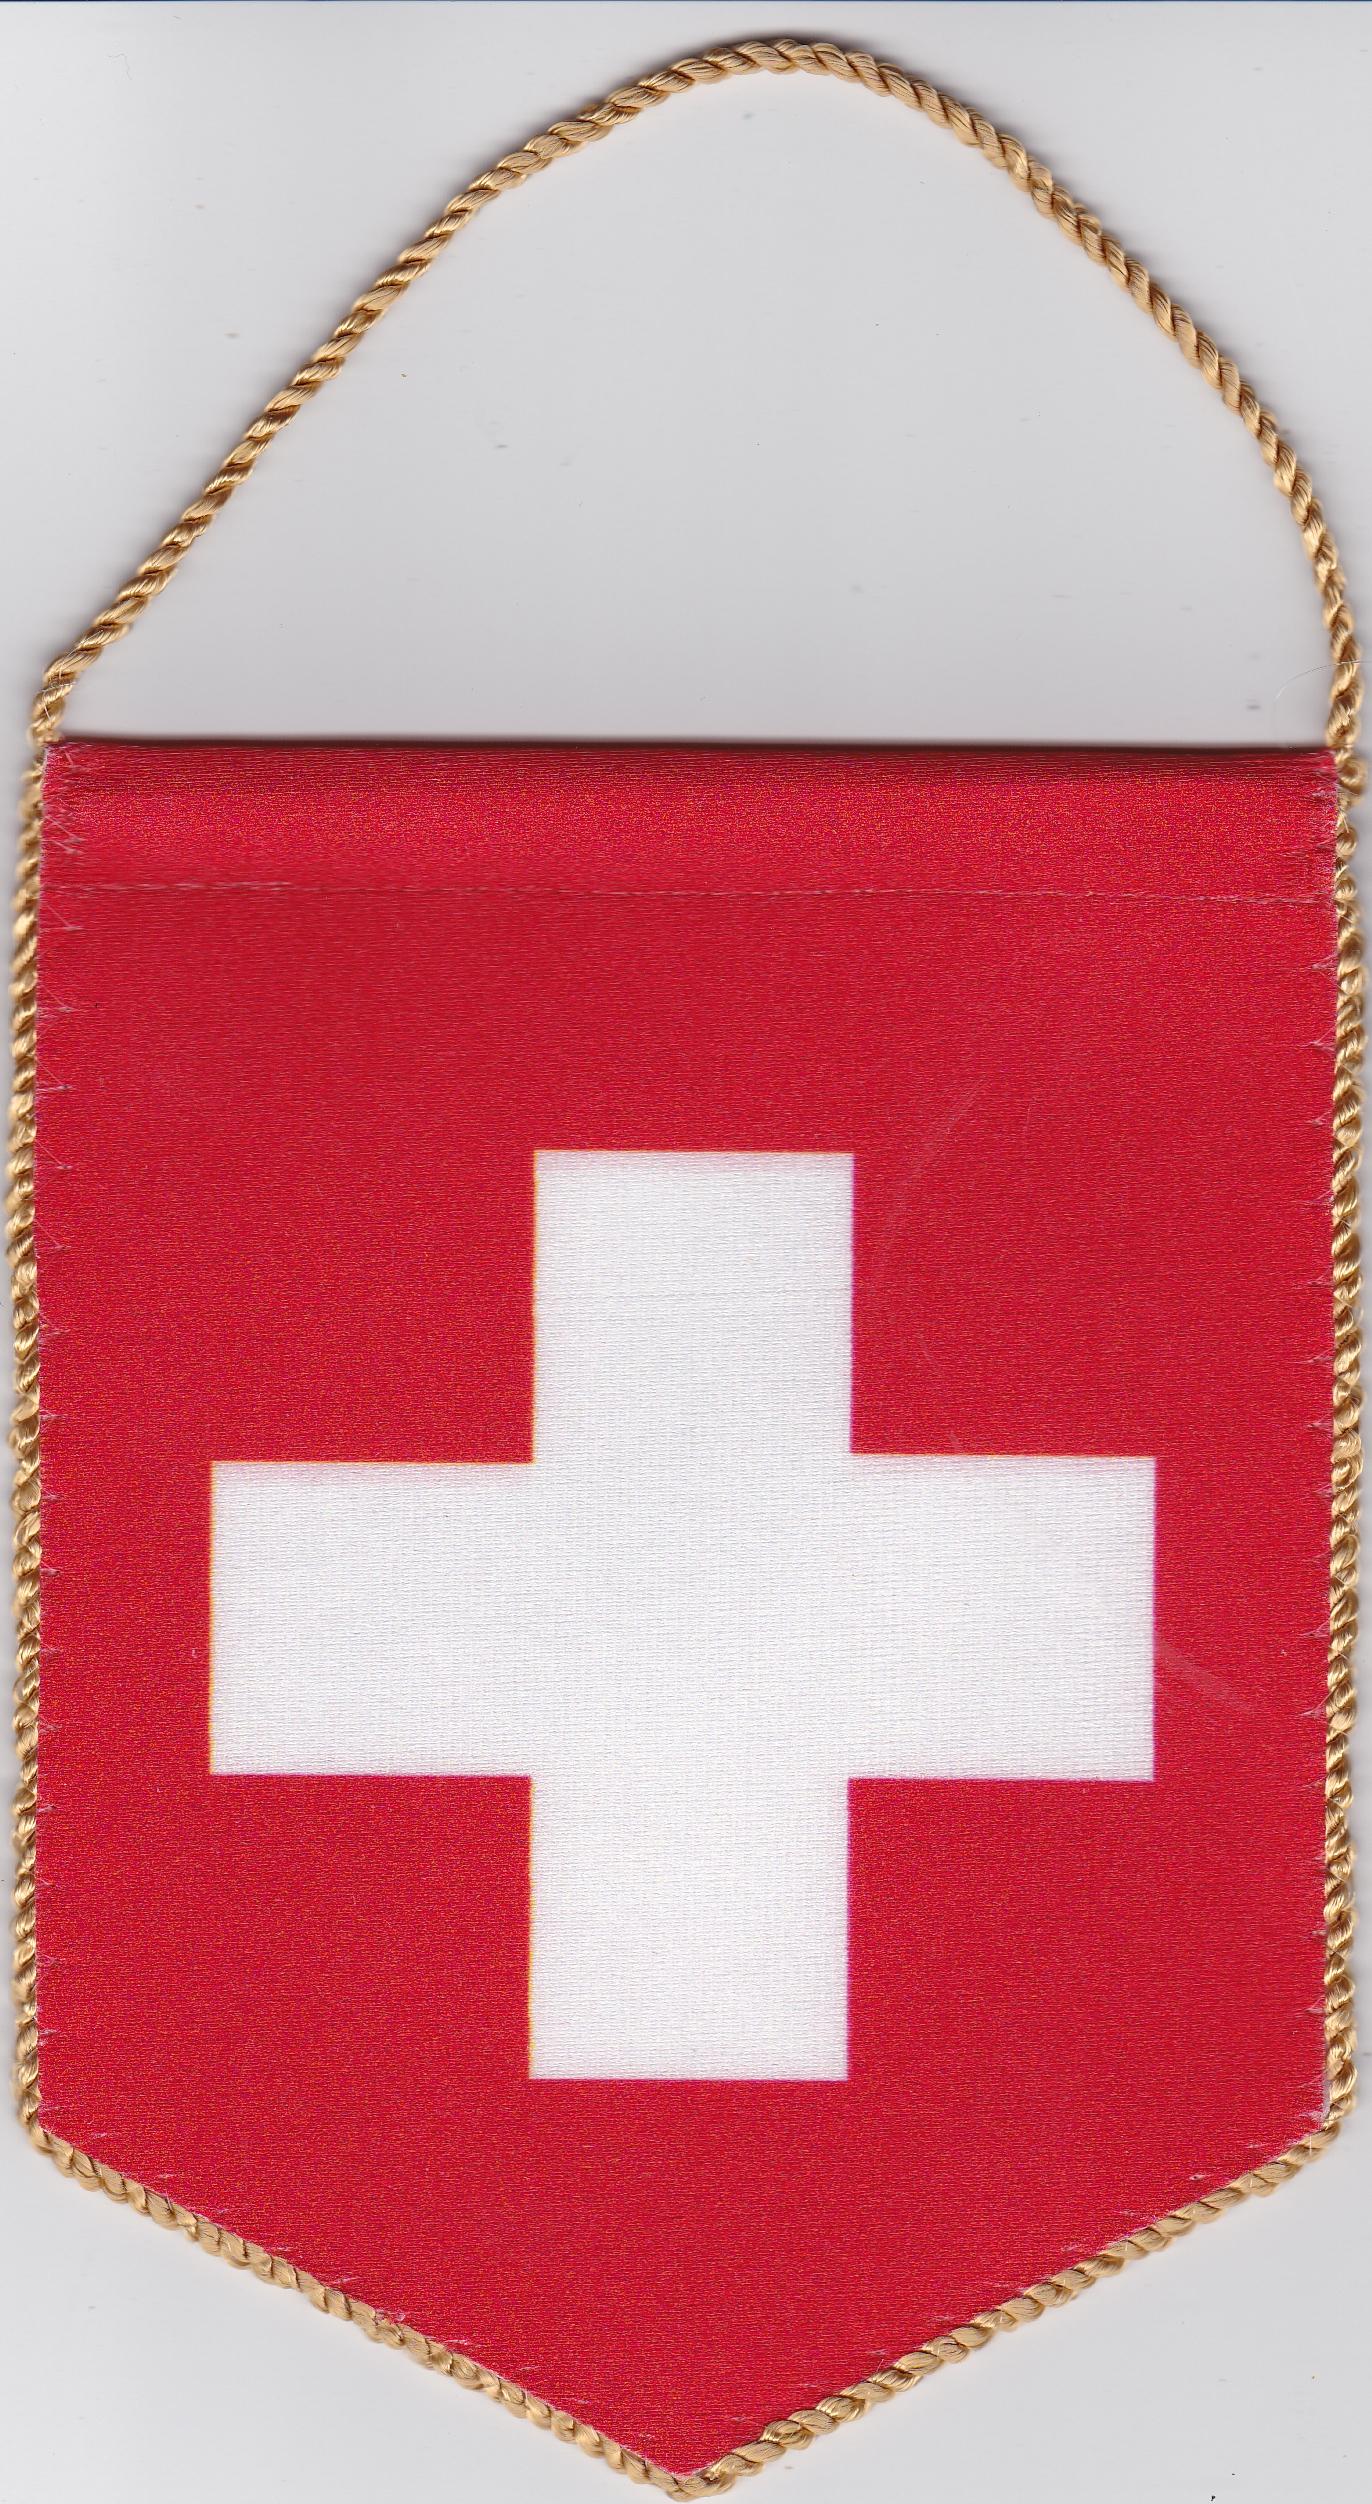 5 szöglető svájci zászló visszapillantó tükörre